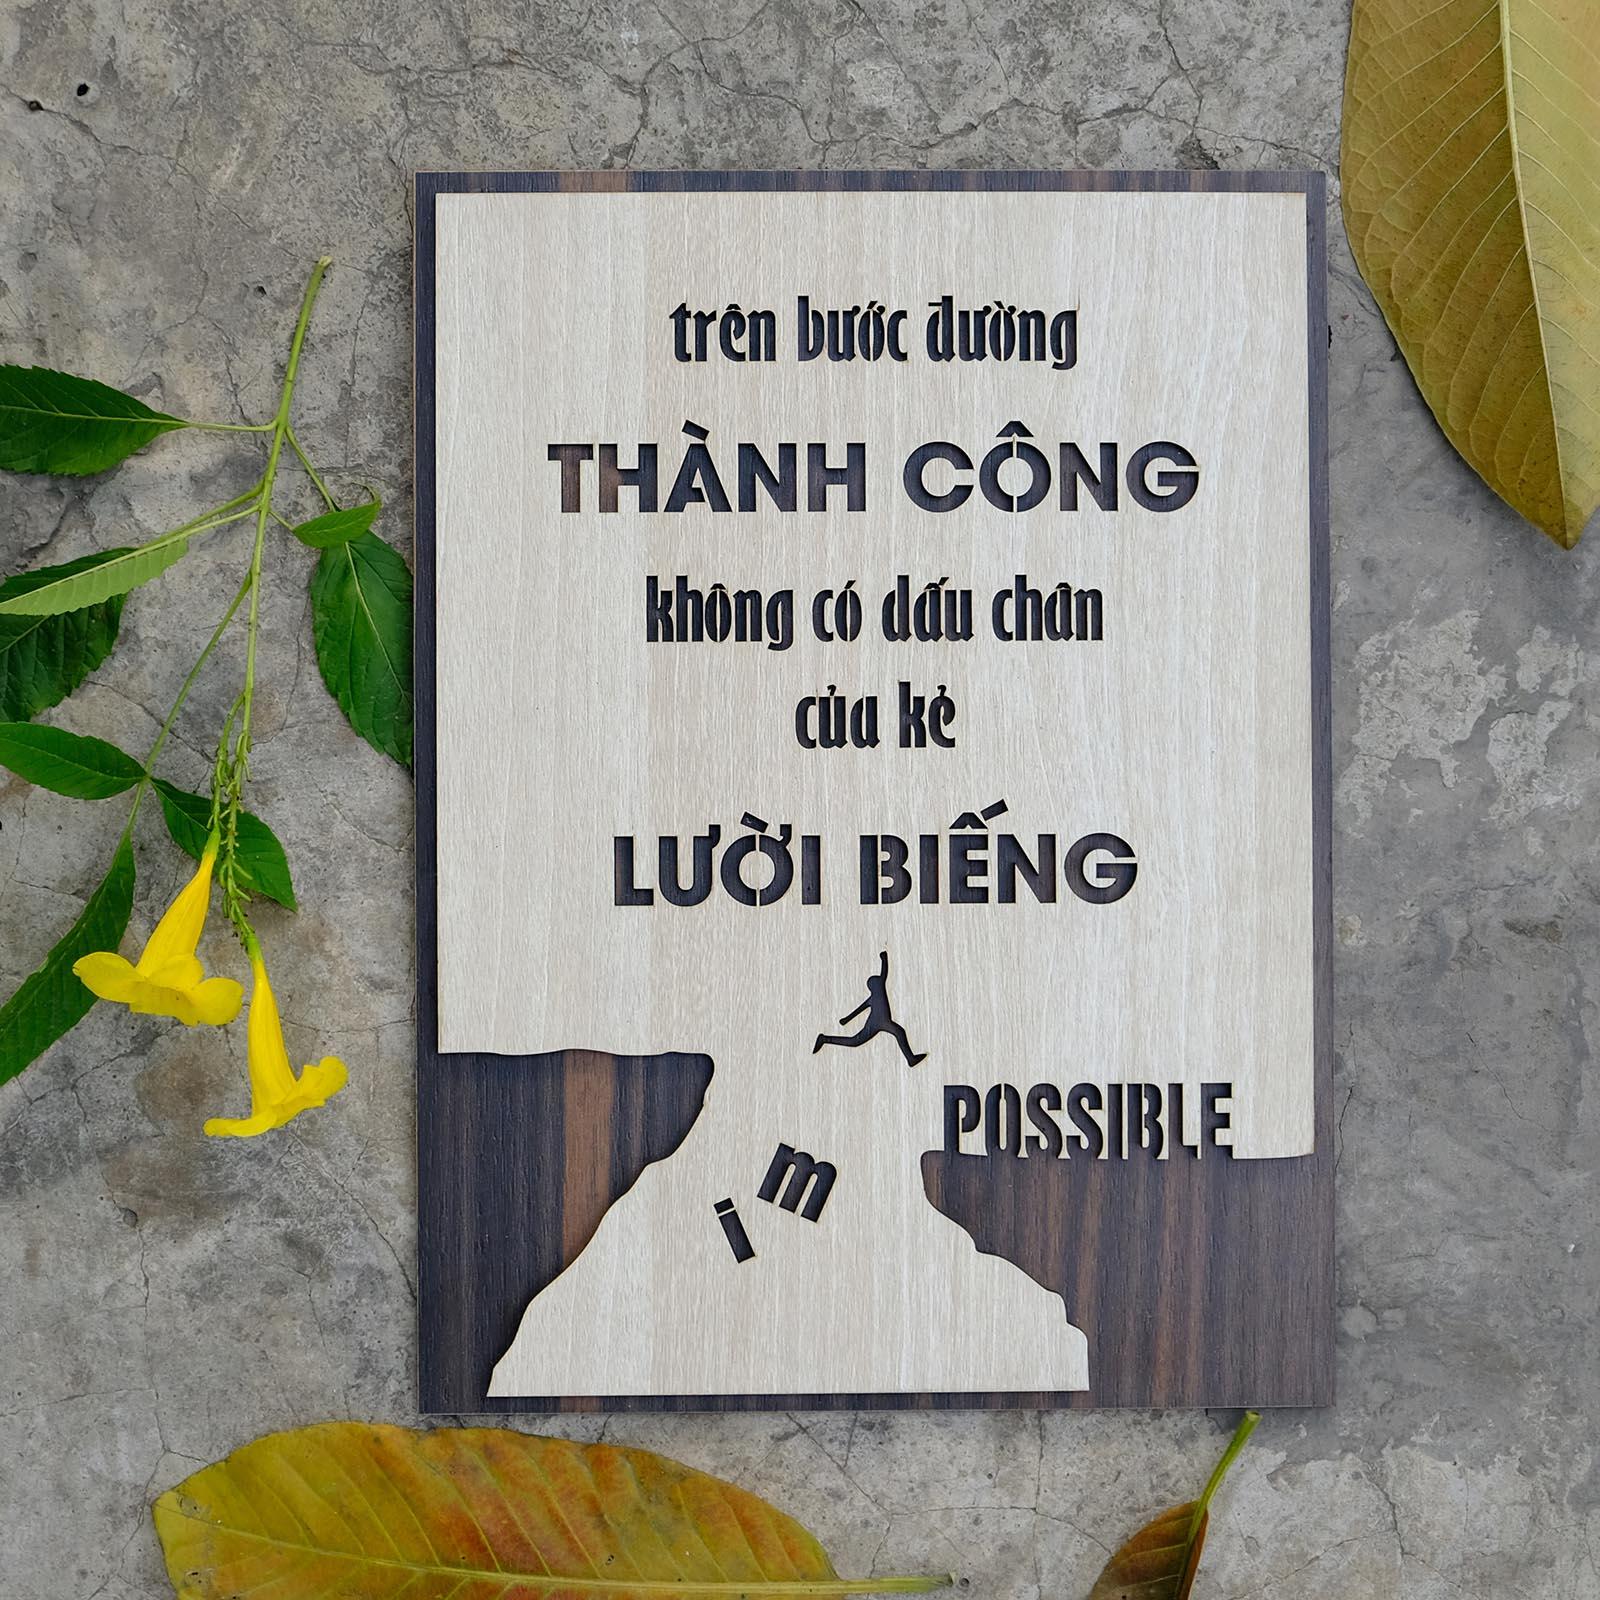 """Tranh động lực treo tường handmade TBIG013 trang trí văn phòng """"Trên bước đường thành công không có dấu chân của kẻ lười biếng"""""""